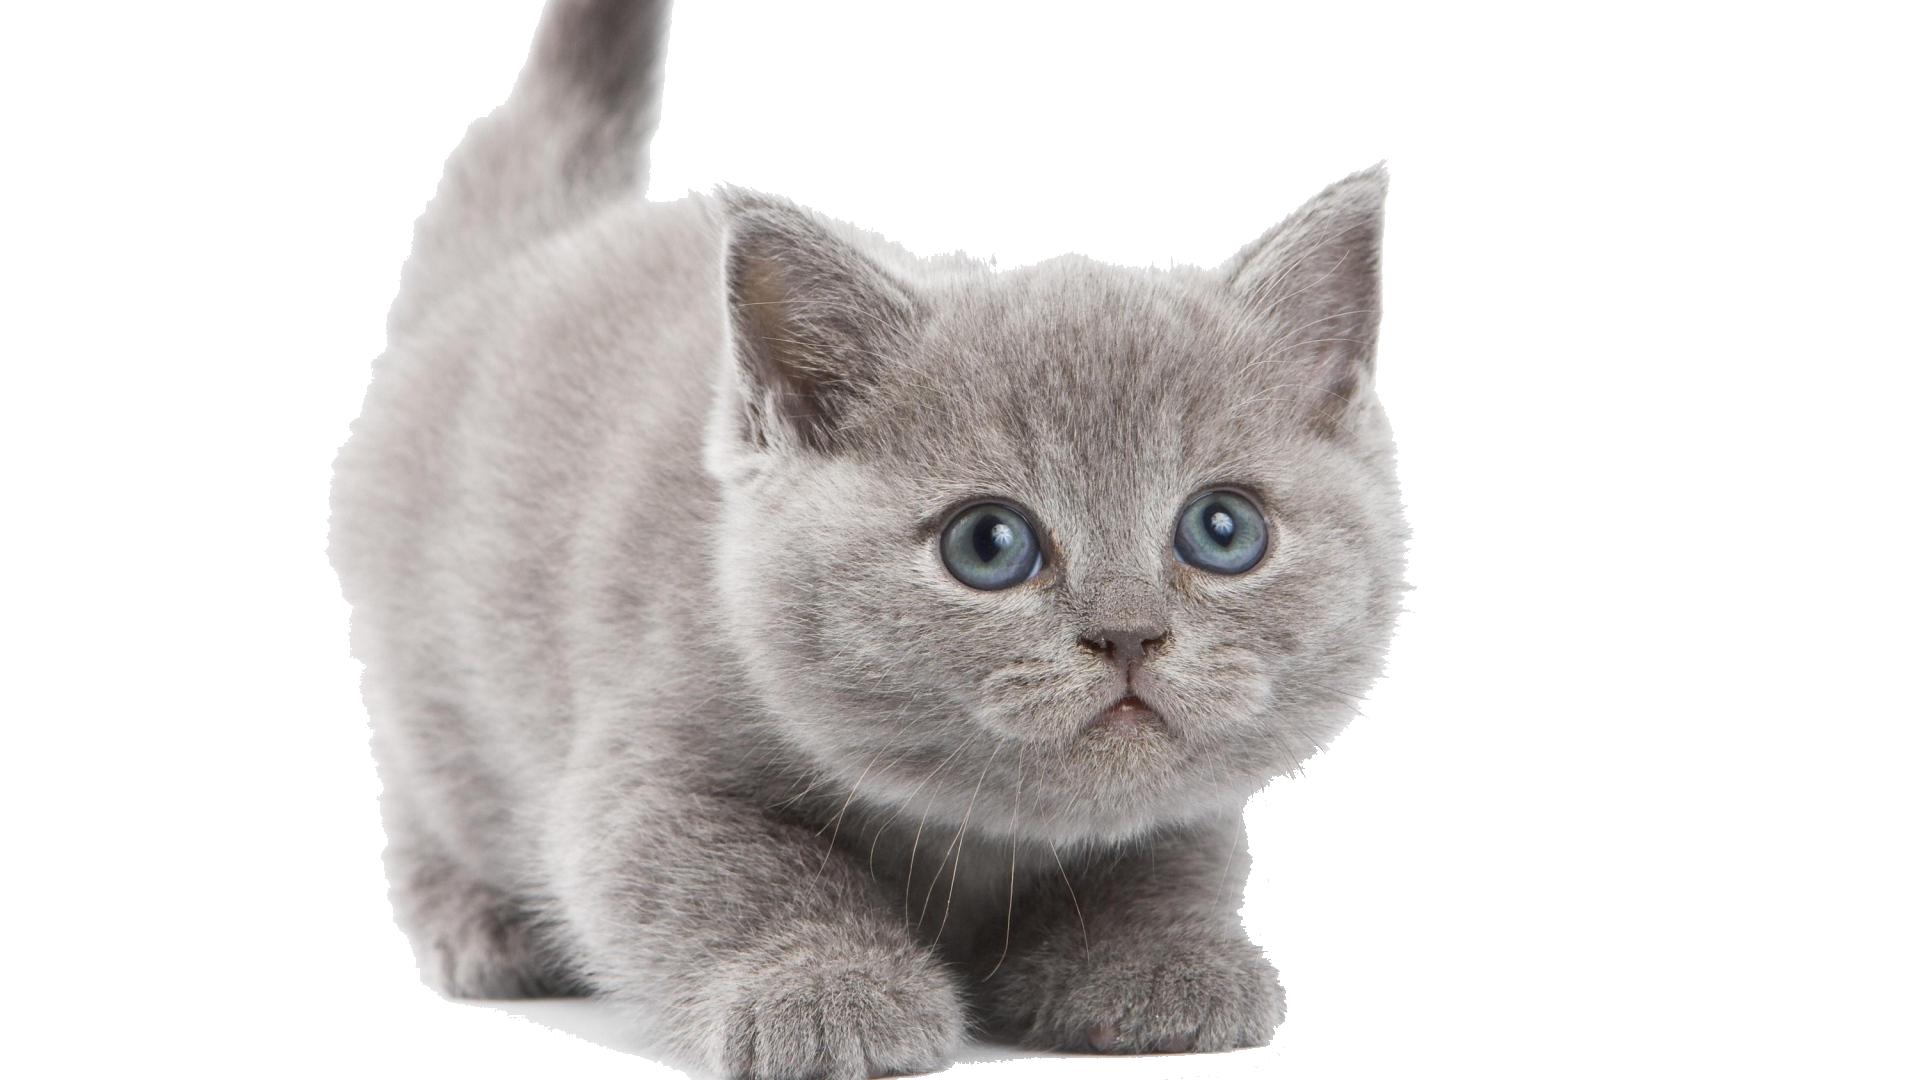 Kitten PNG Image - Kitten PNG HD